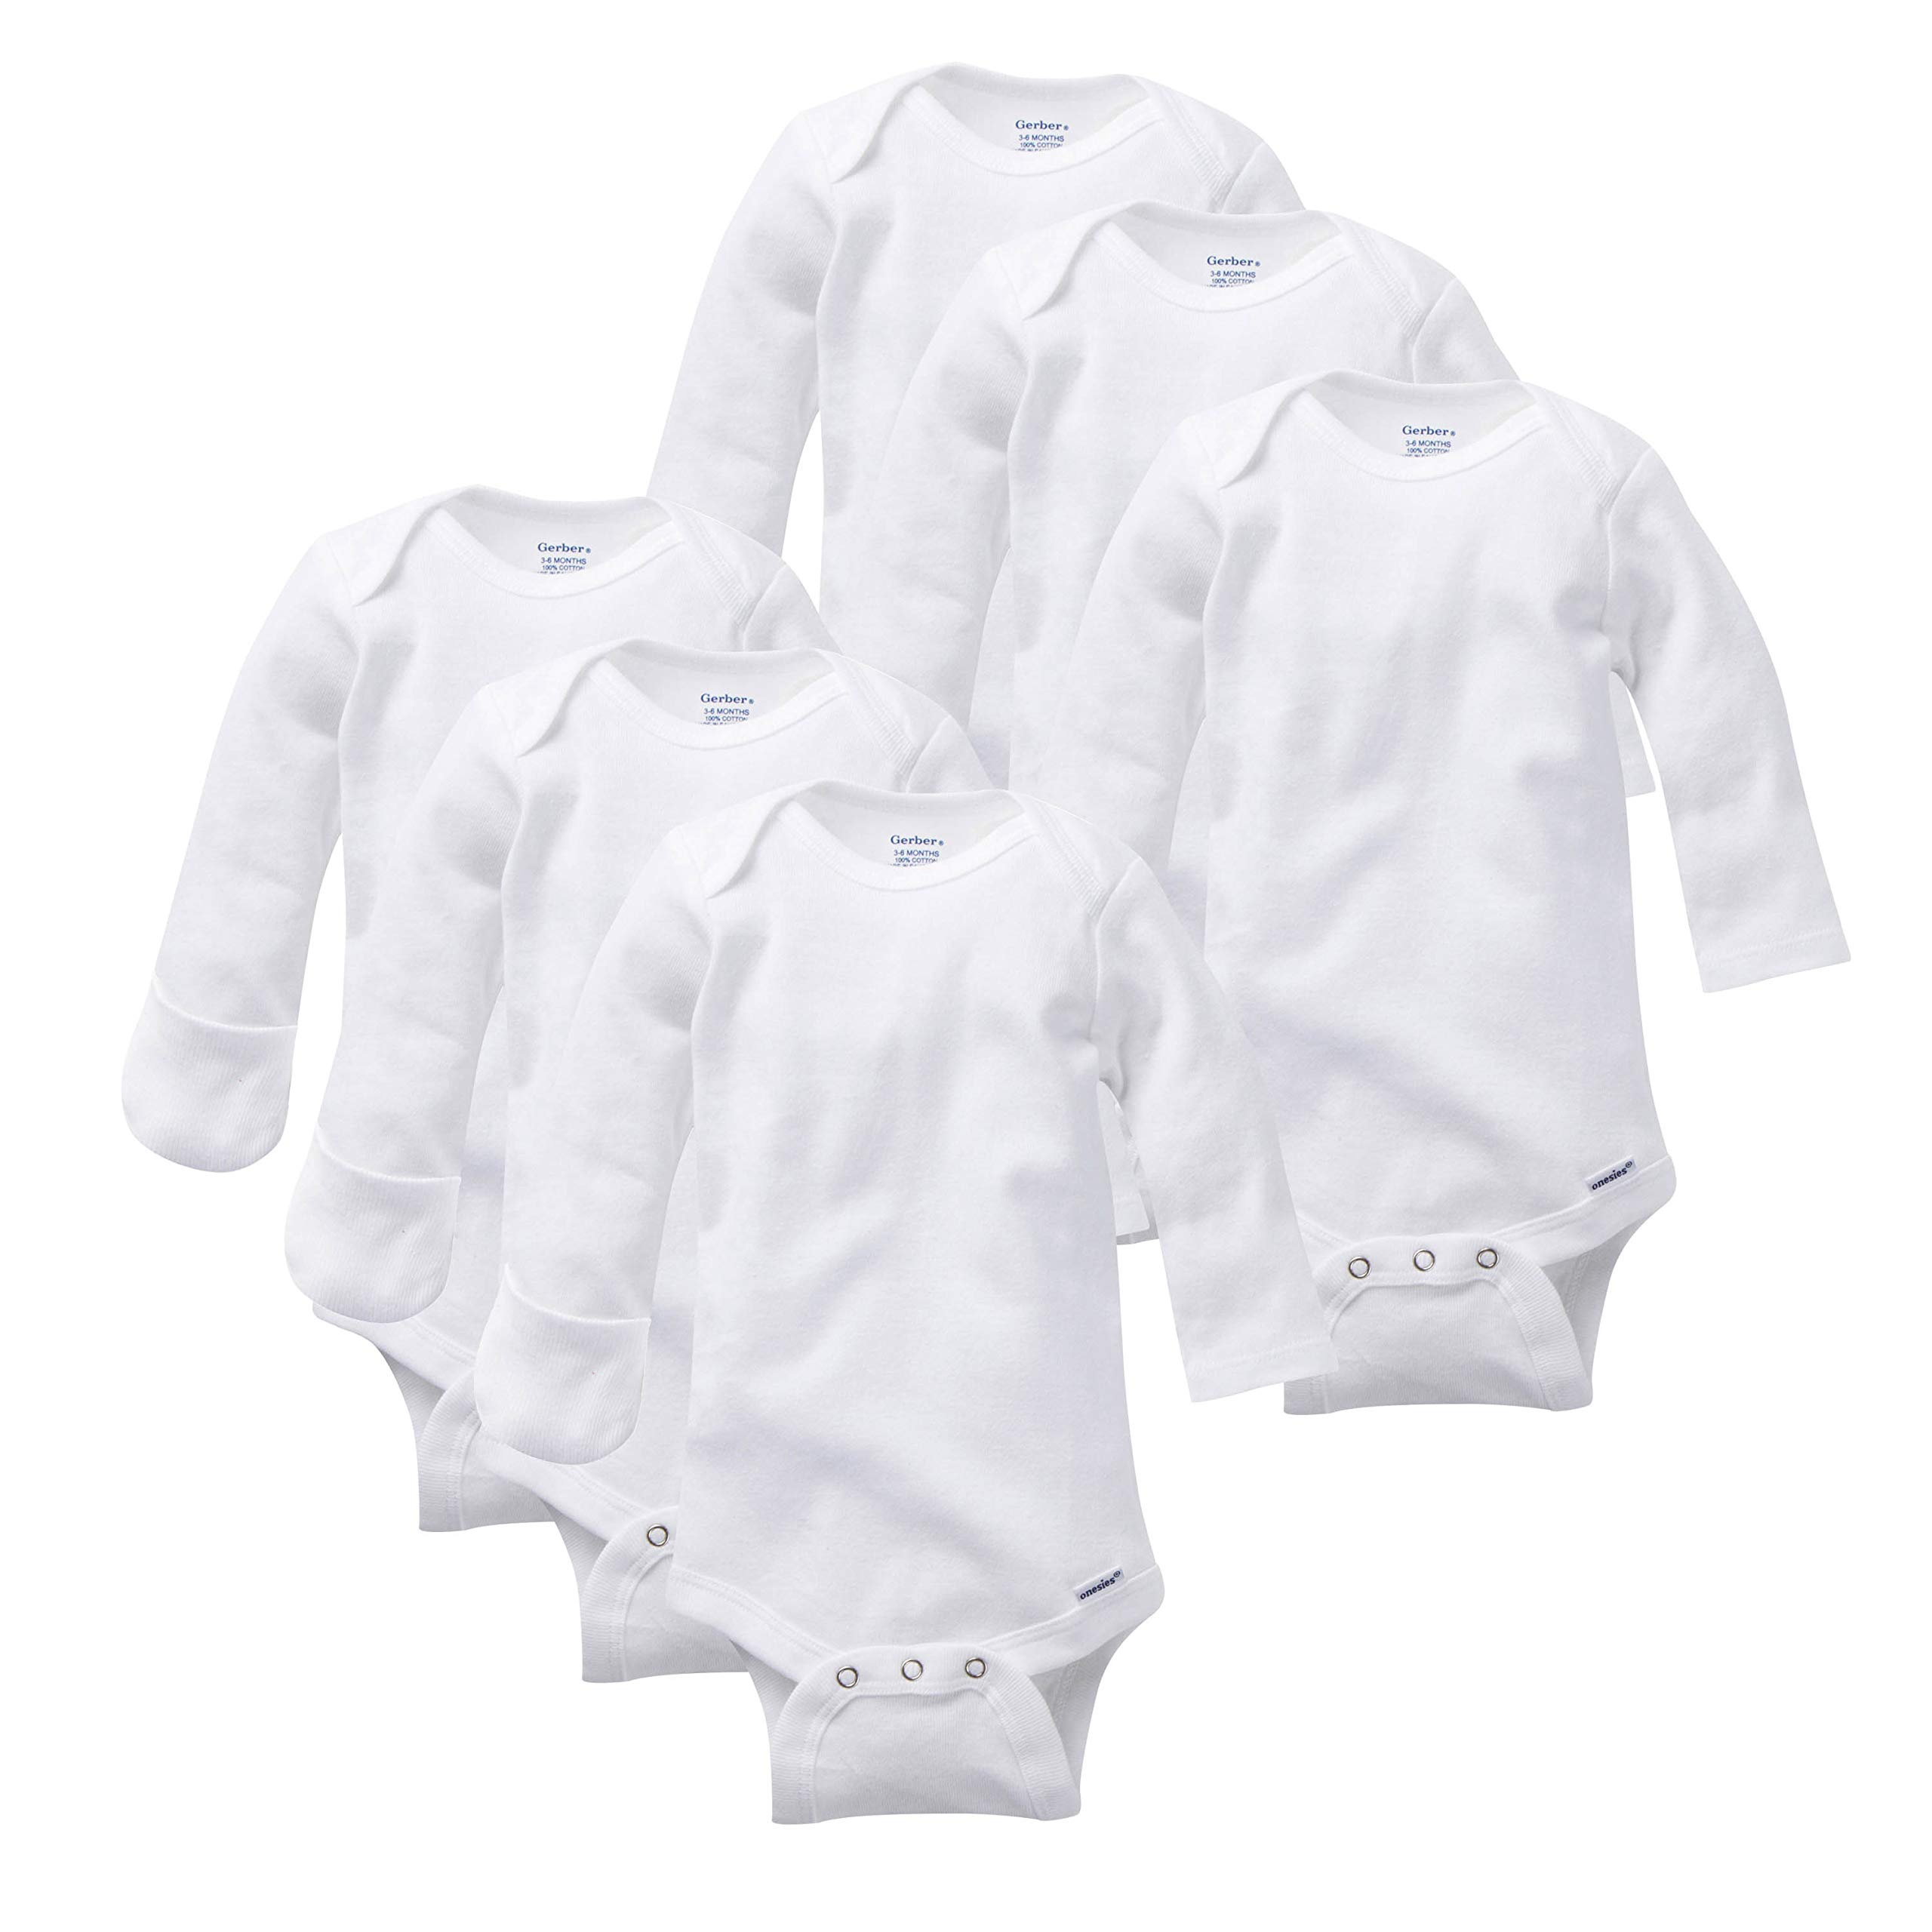 Gerber Baby Girls' 3-Pack Or 6-Pack Long-Sleeve Mitten-Cuff Onesies Bodysuit